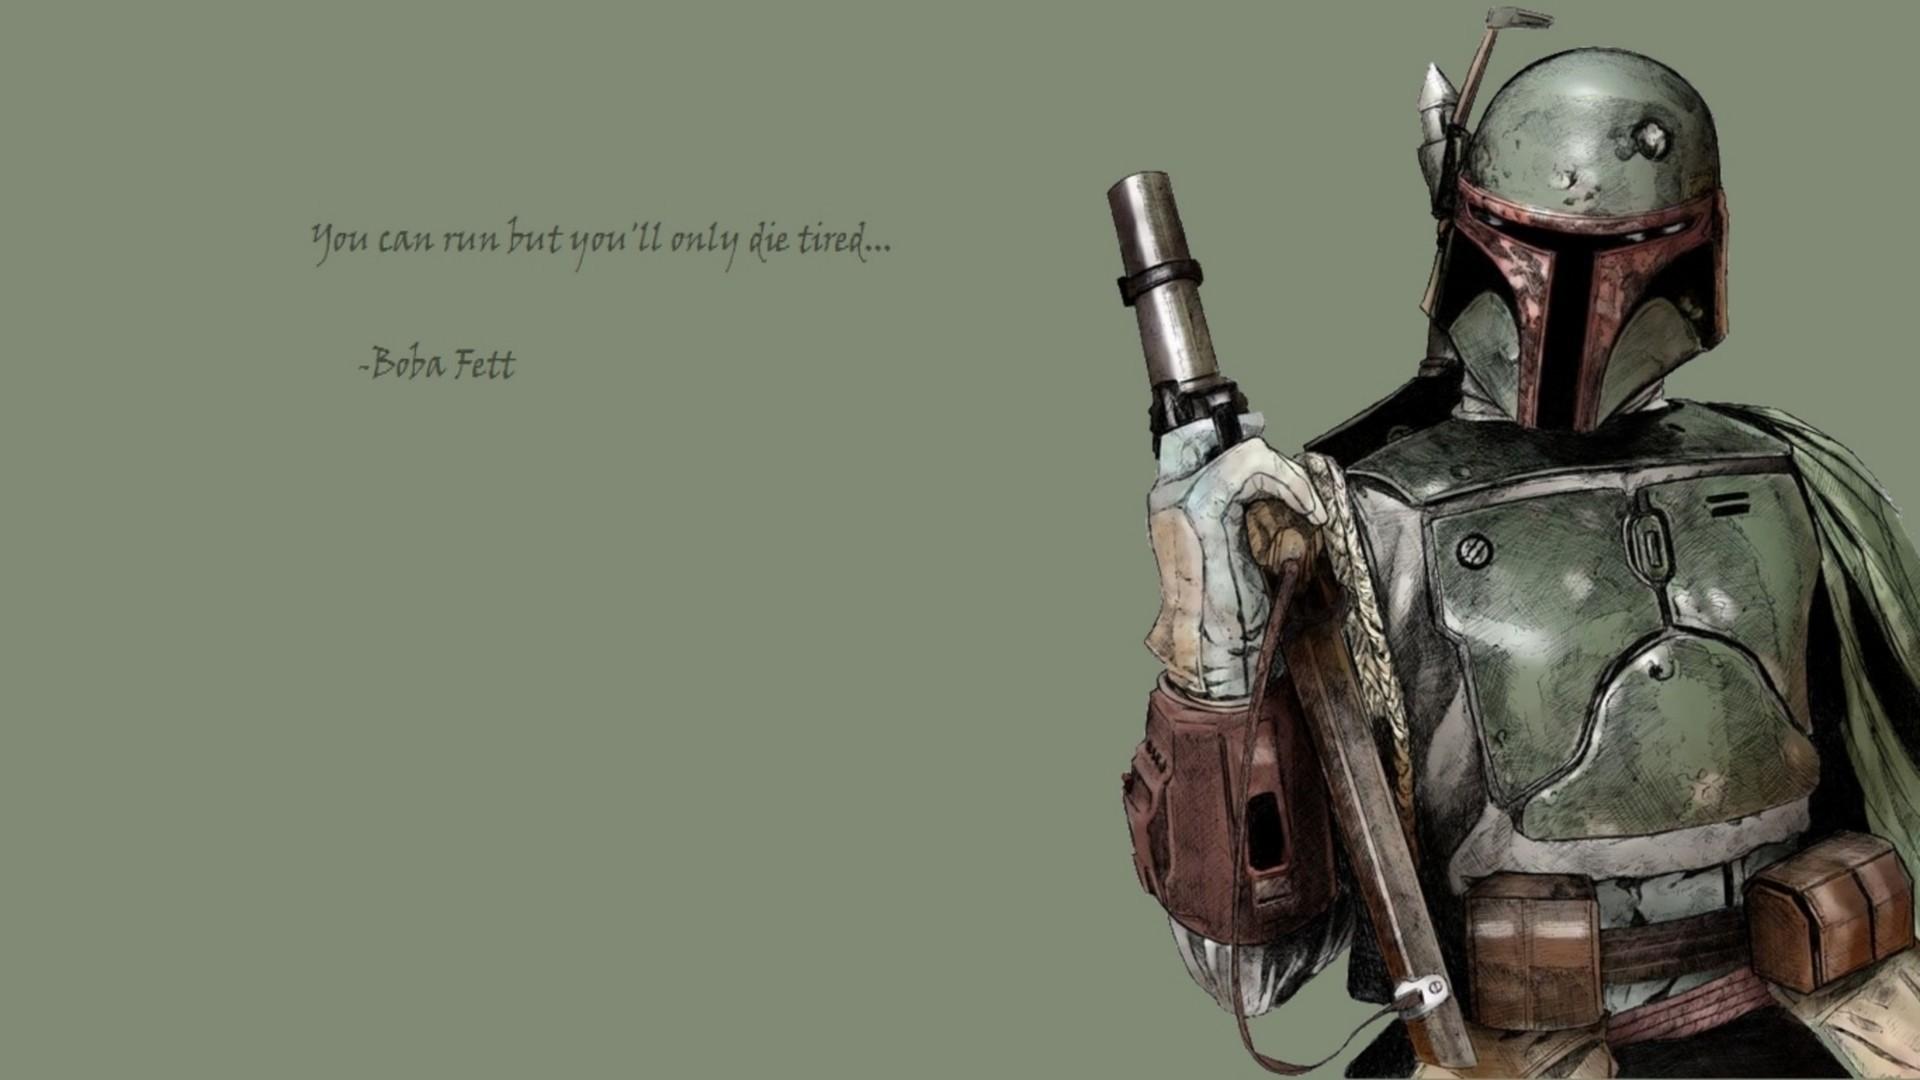 Boba Fett – Star Wars HD Wallpaper 1920×1080